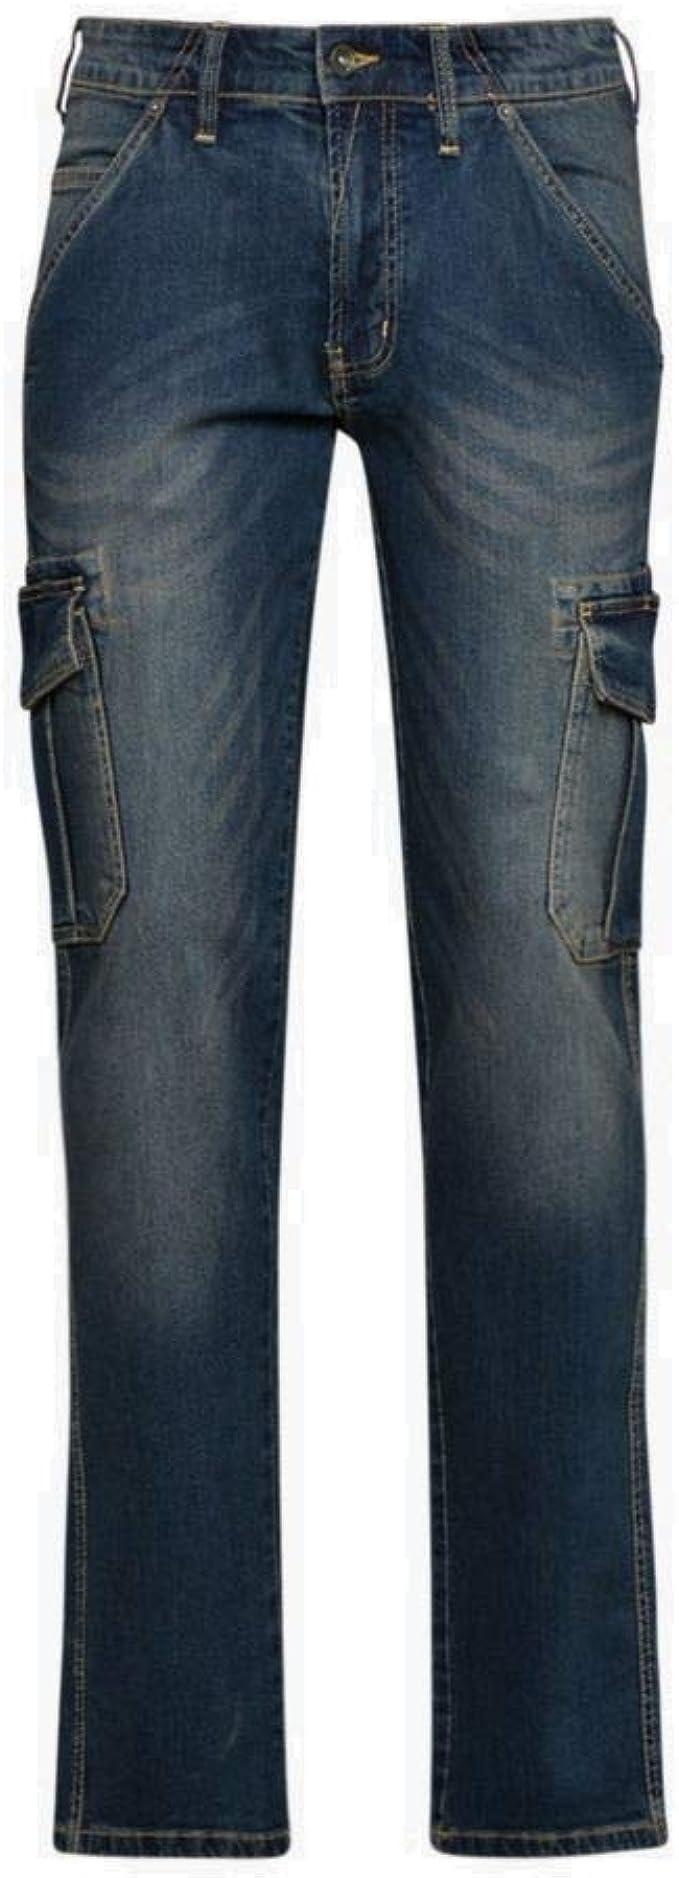 Diadora Pantalone da Lavoro Multitasche Jeans Taglia 46 172115 Cargo Denim